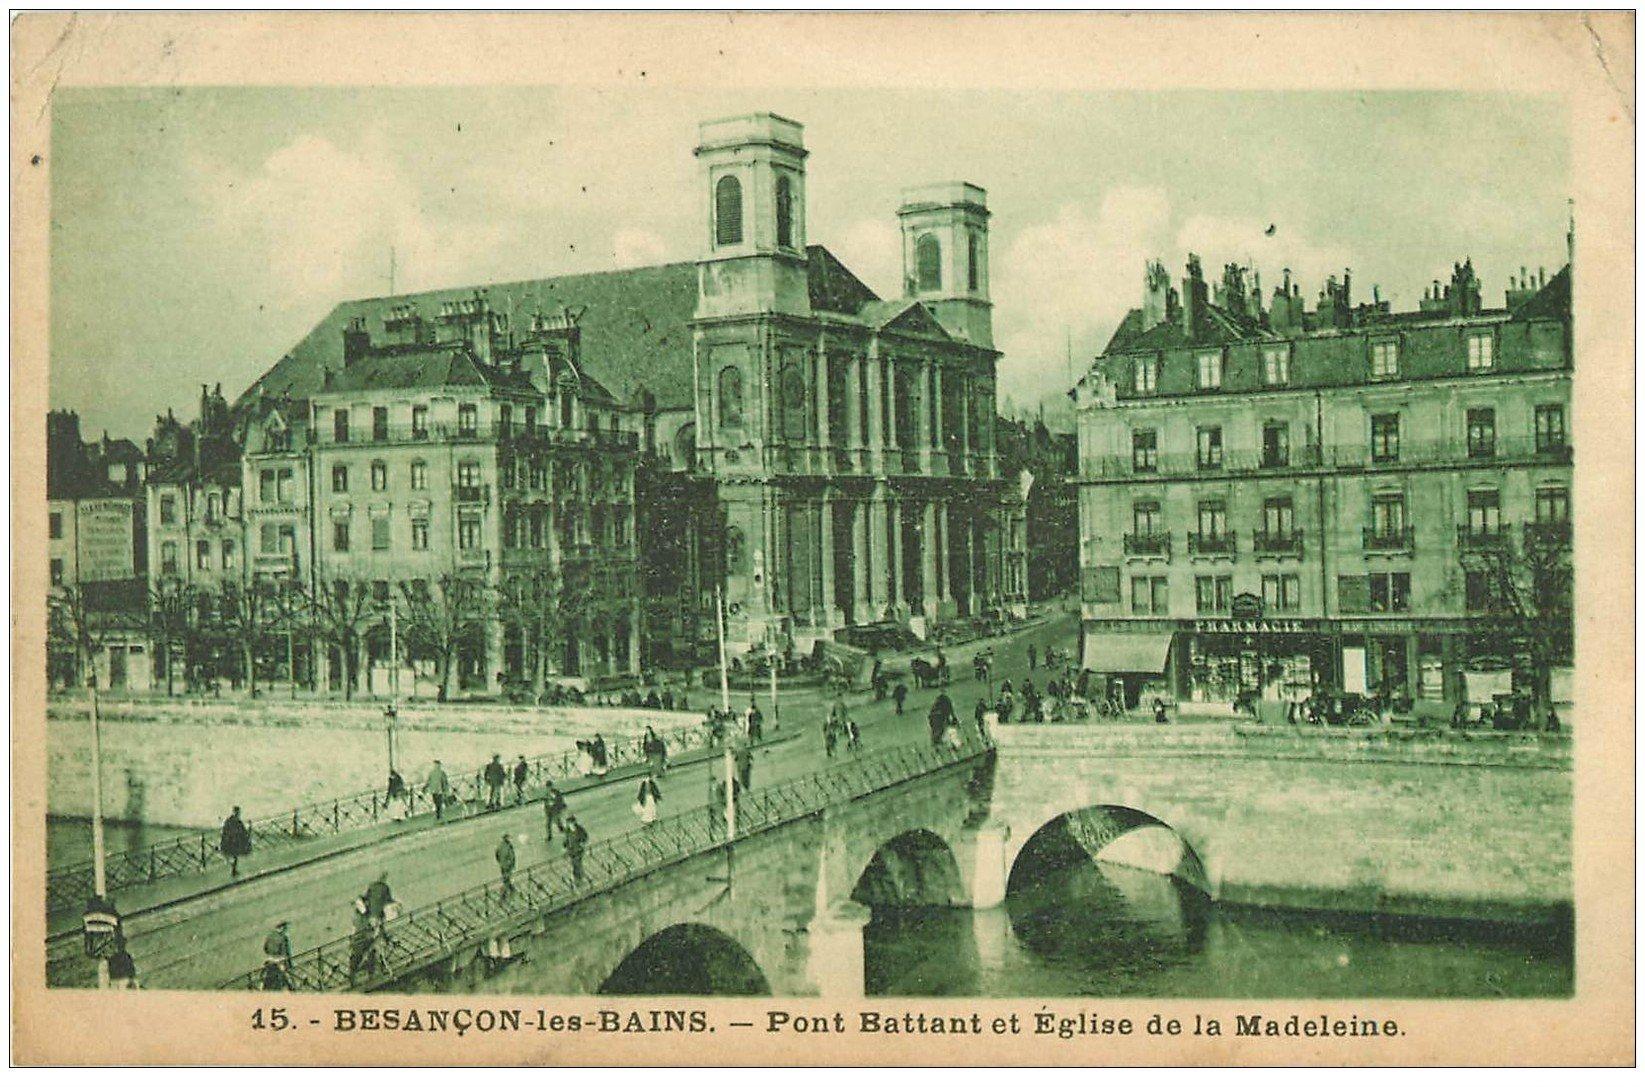 25 besancon pont battant et eglise de la madeleine 1944 for 25 besancon